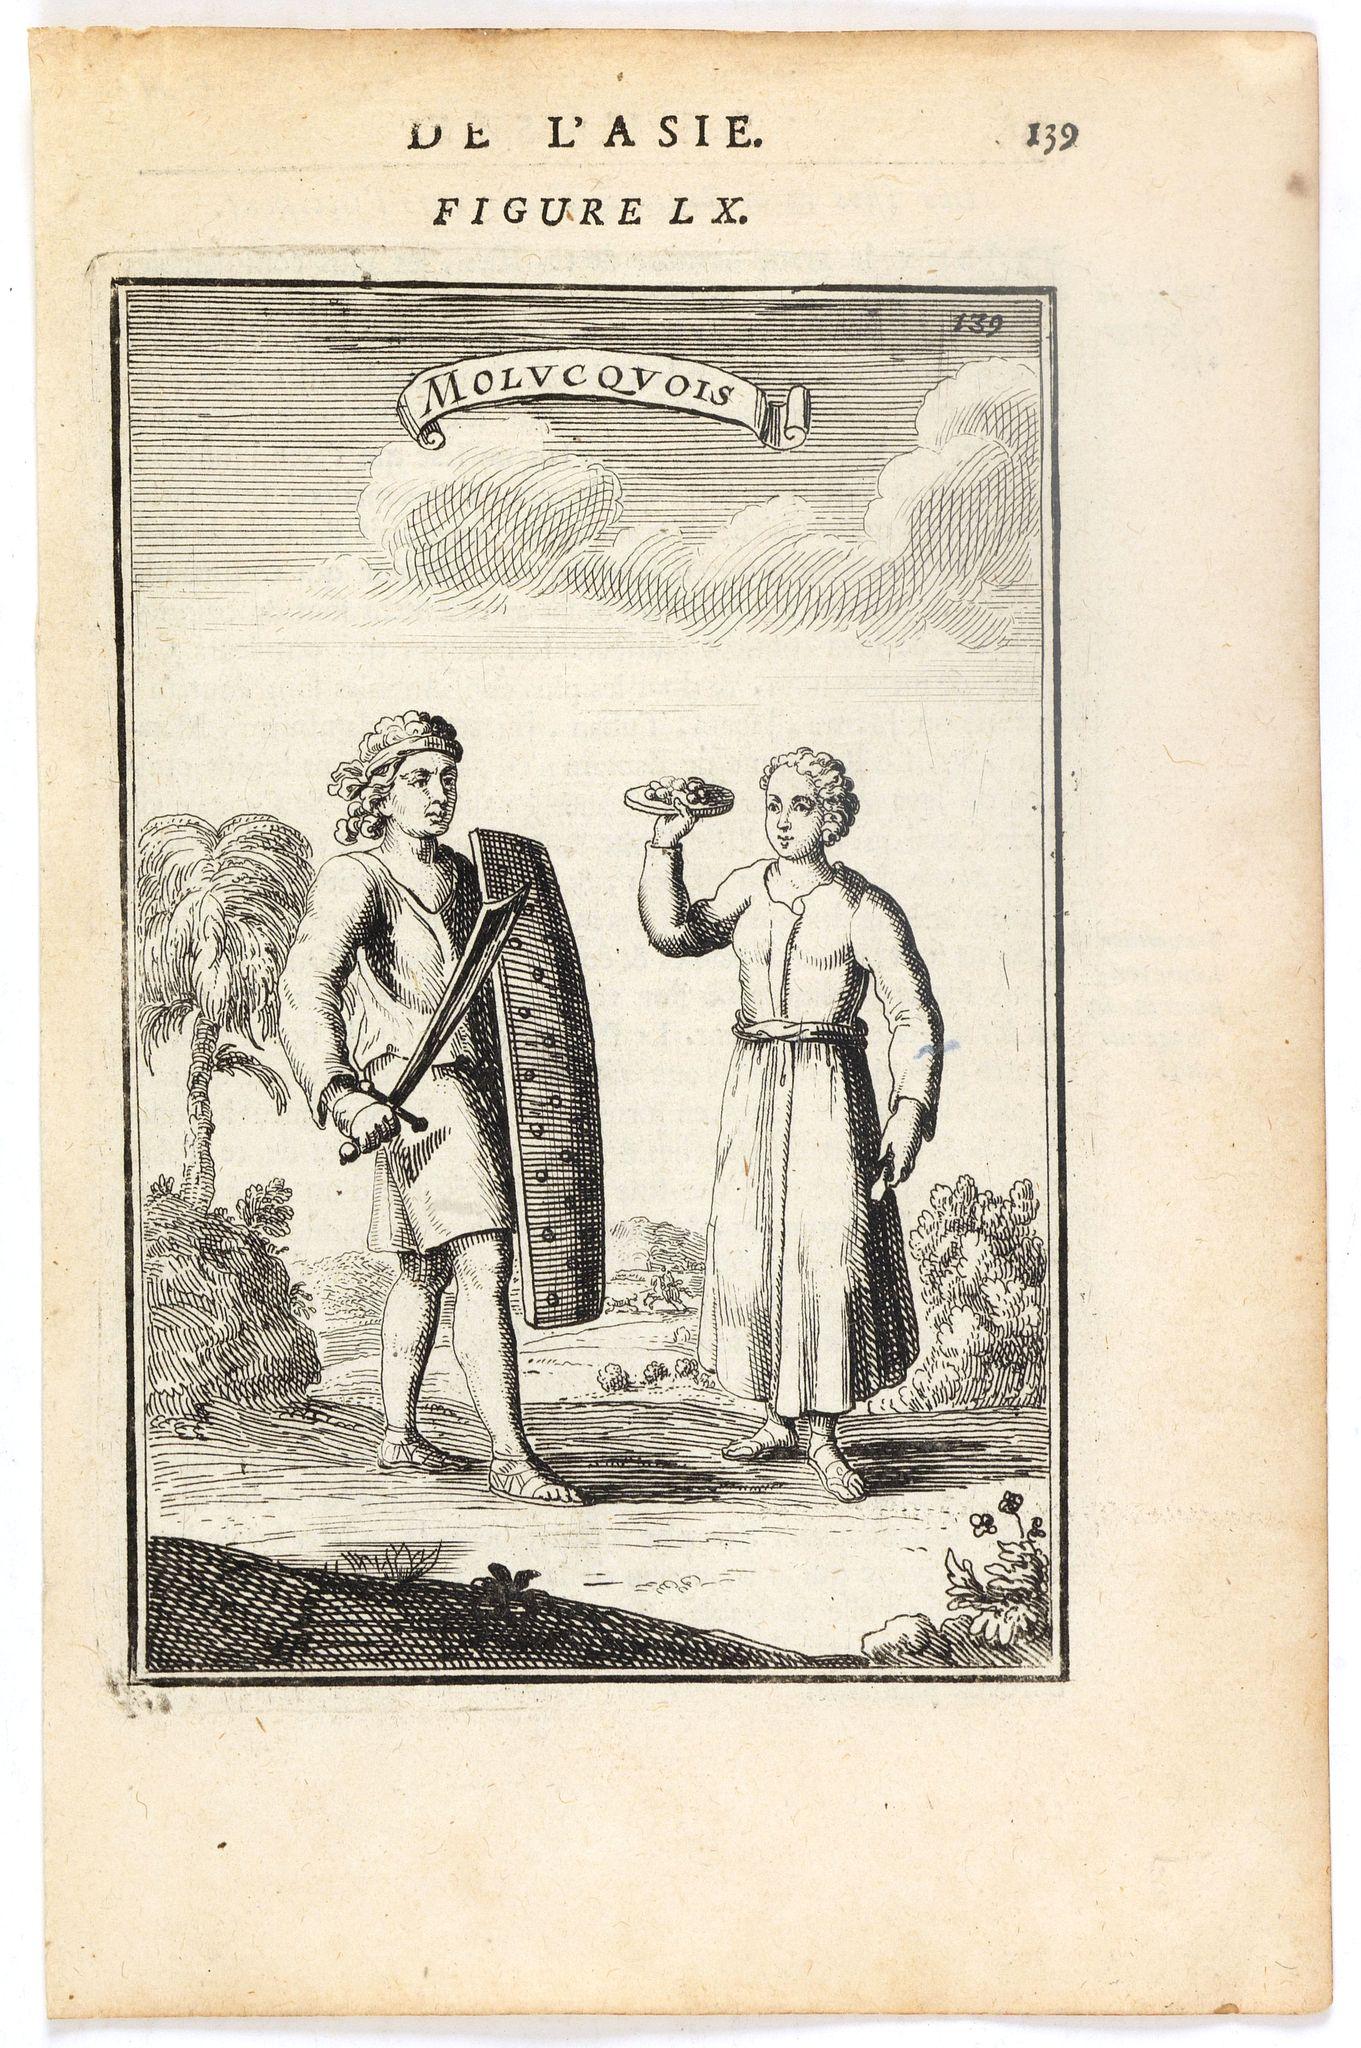 MALLET, A.M. -  Molucquois (De L'Asie / figure LX).